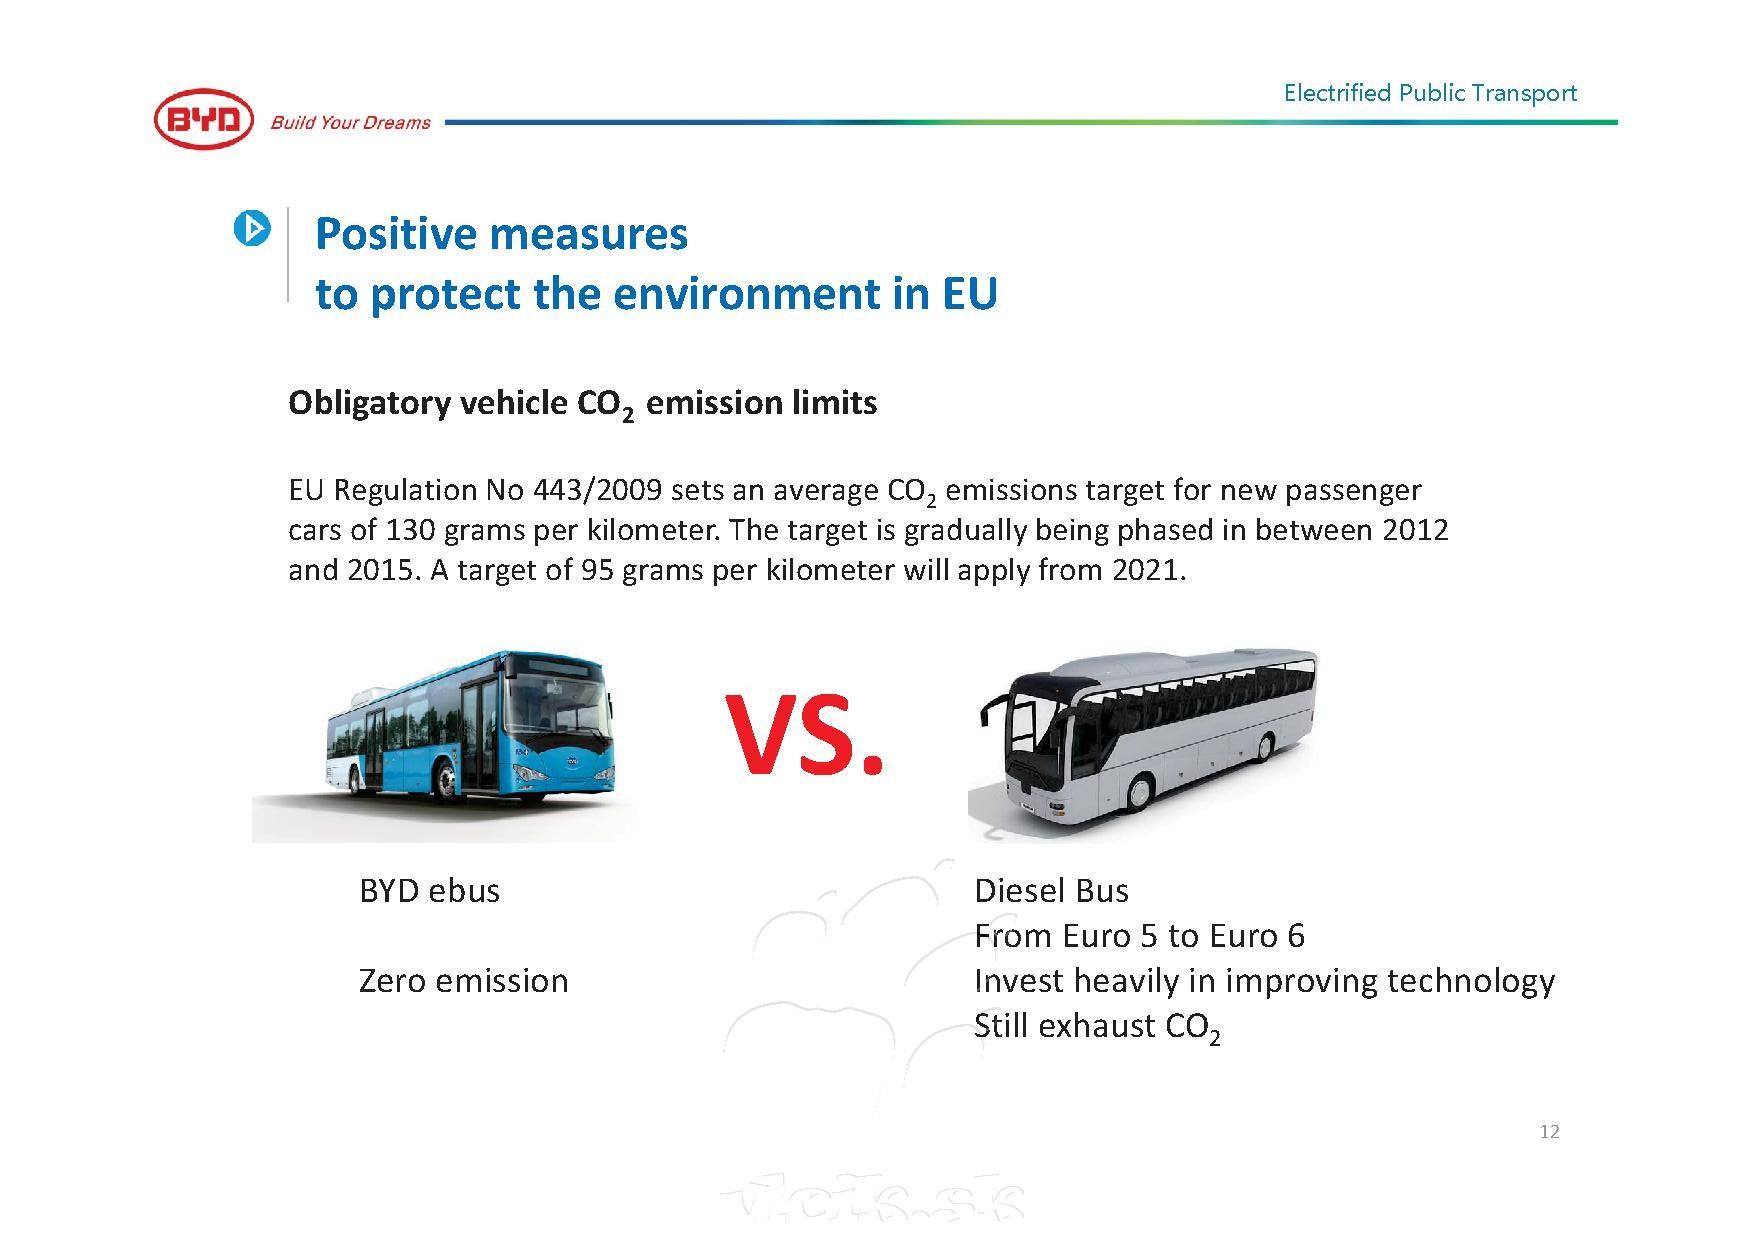 porovnanie EURO 6 s ebusom